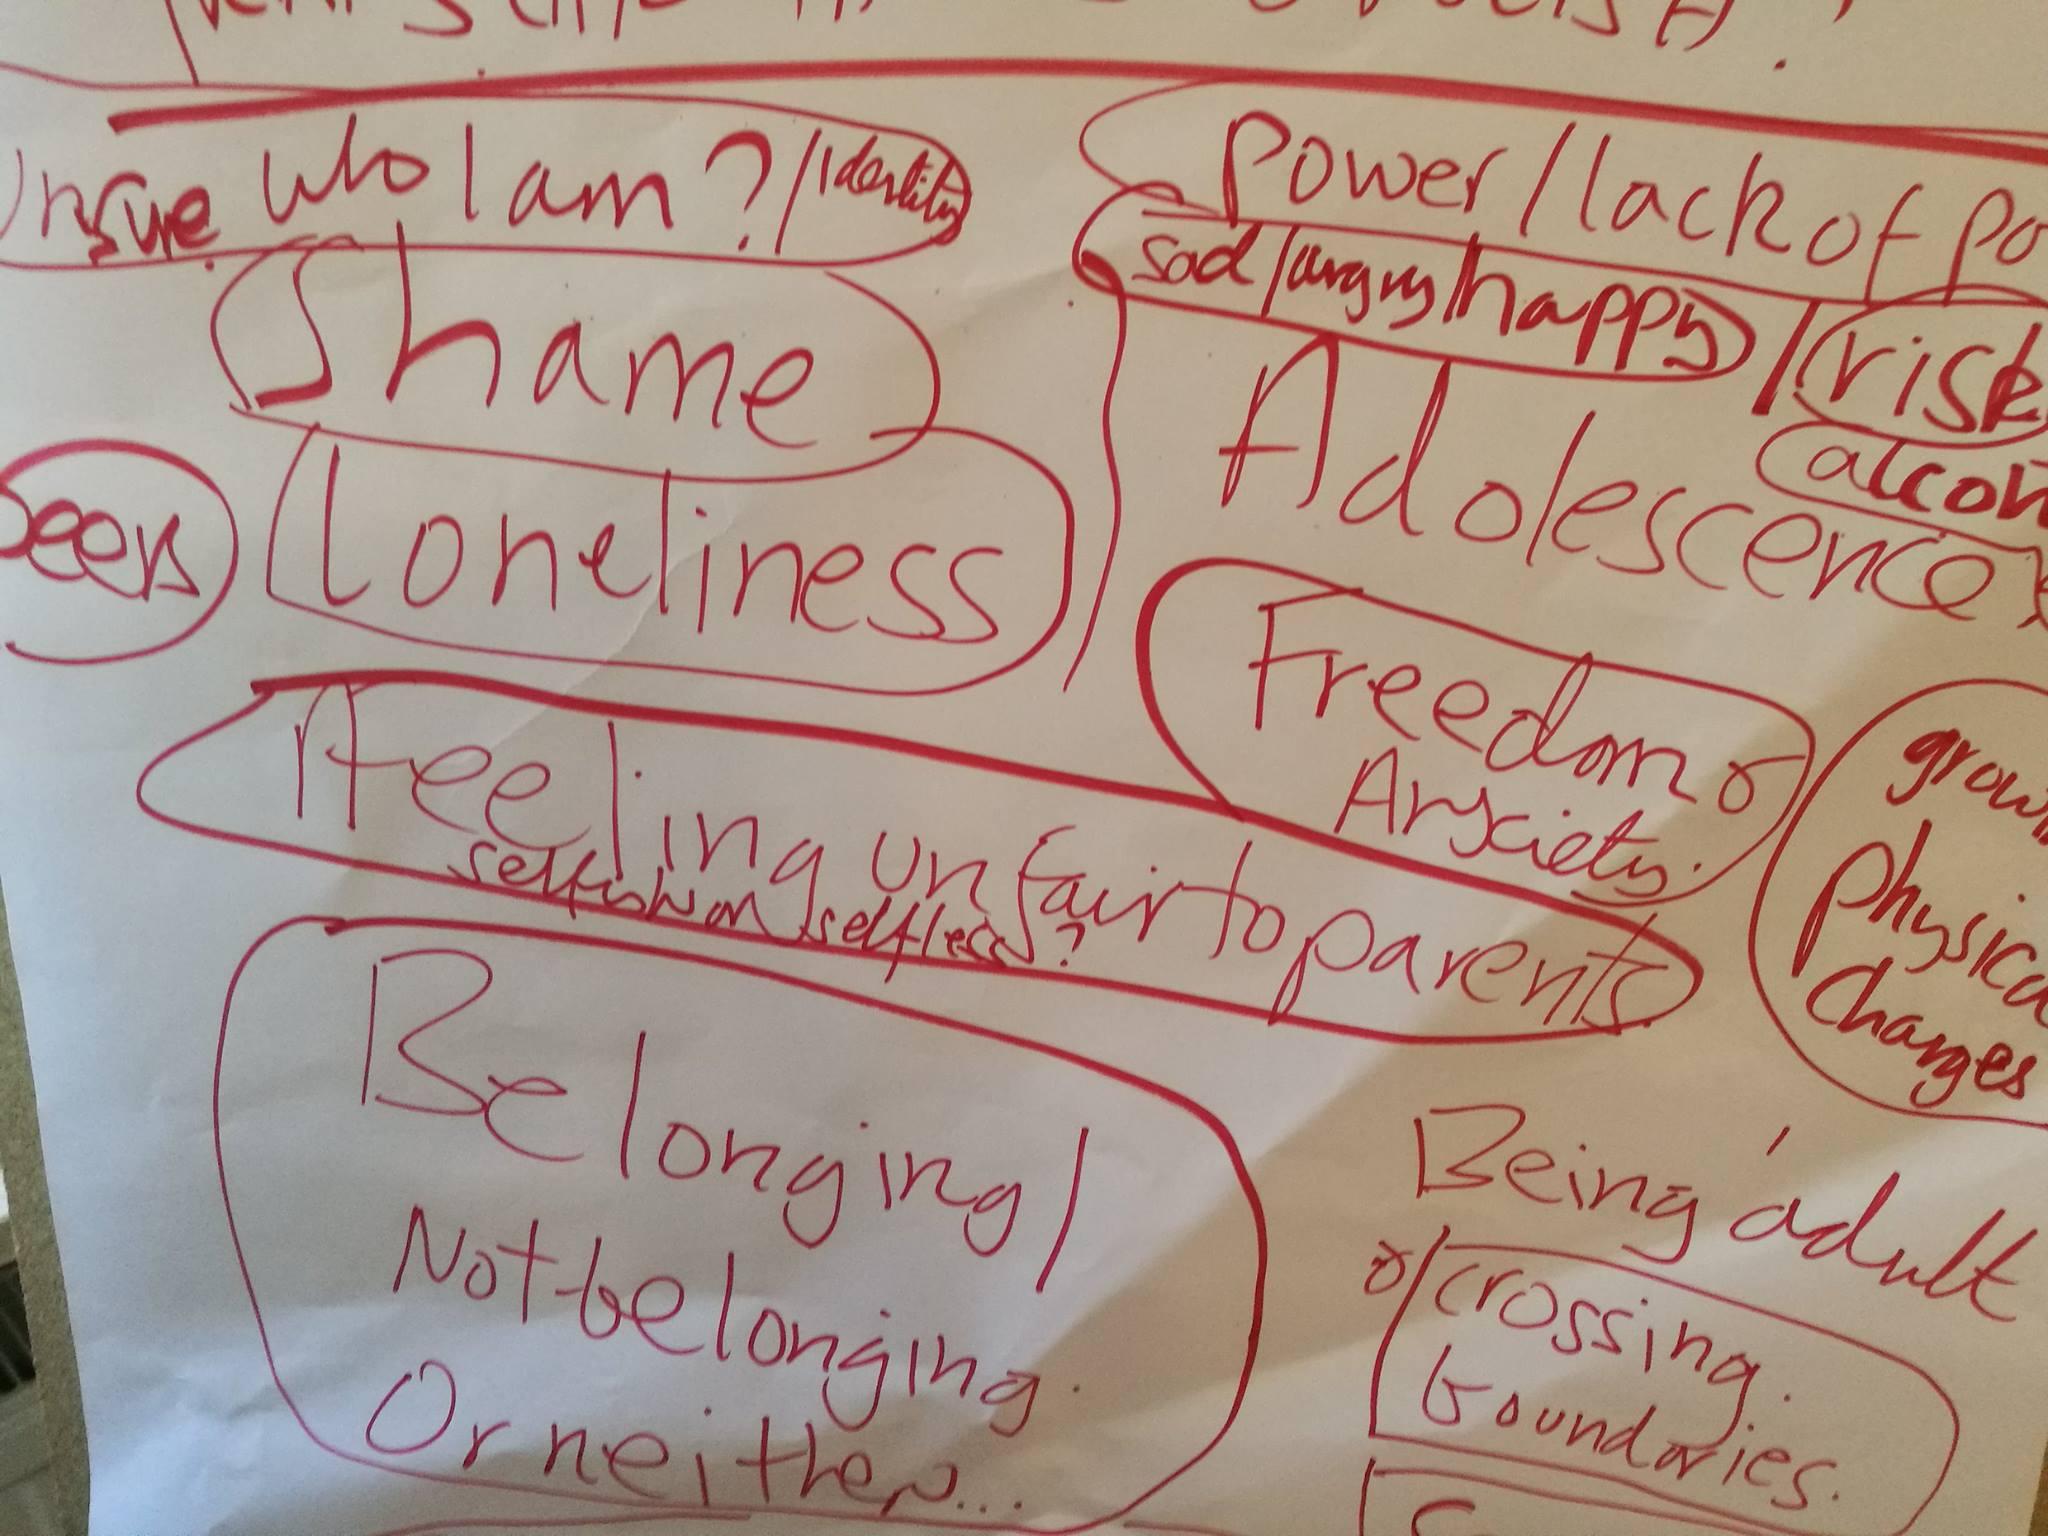 Intensywny Kurs Arts Gestalt Therapy w pracy z dziećmi i nastolatkami cz.3